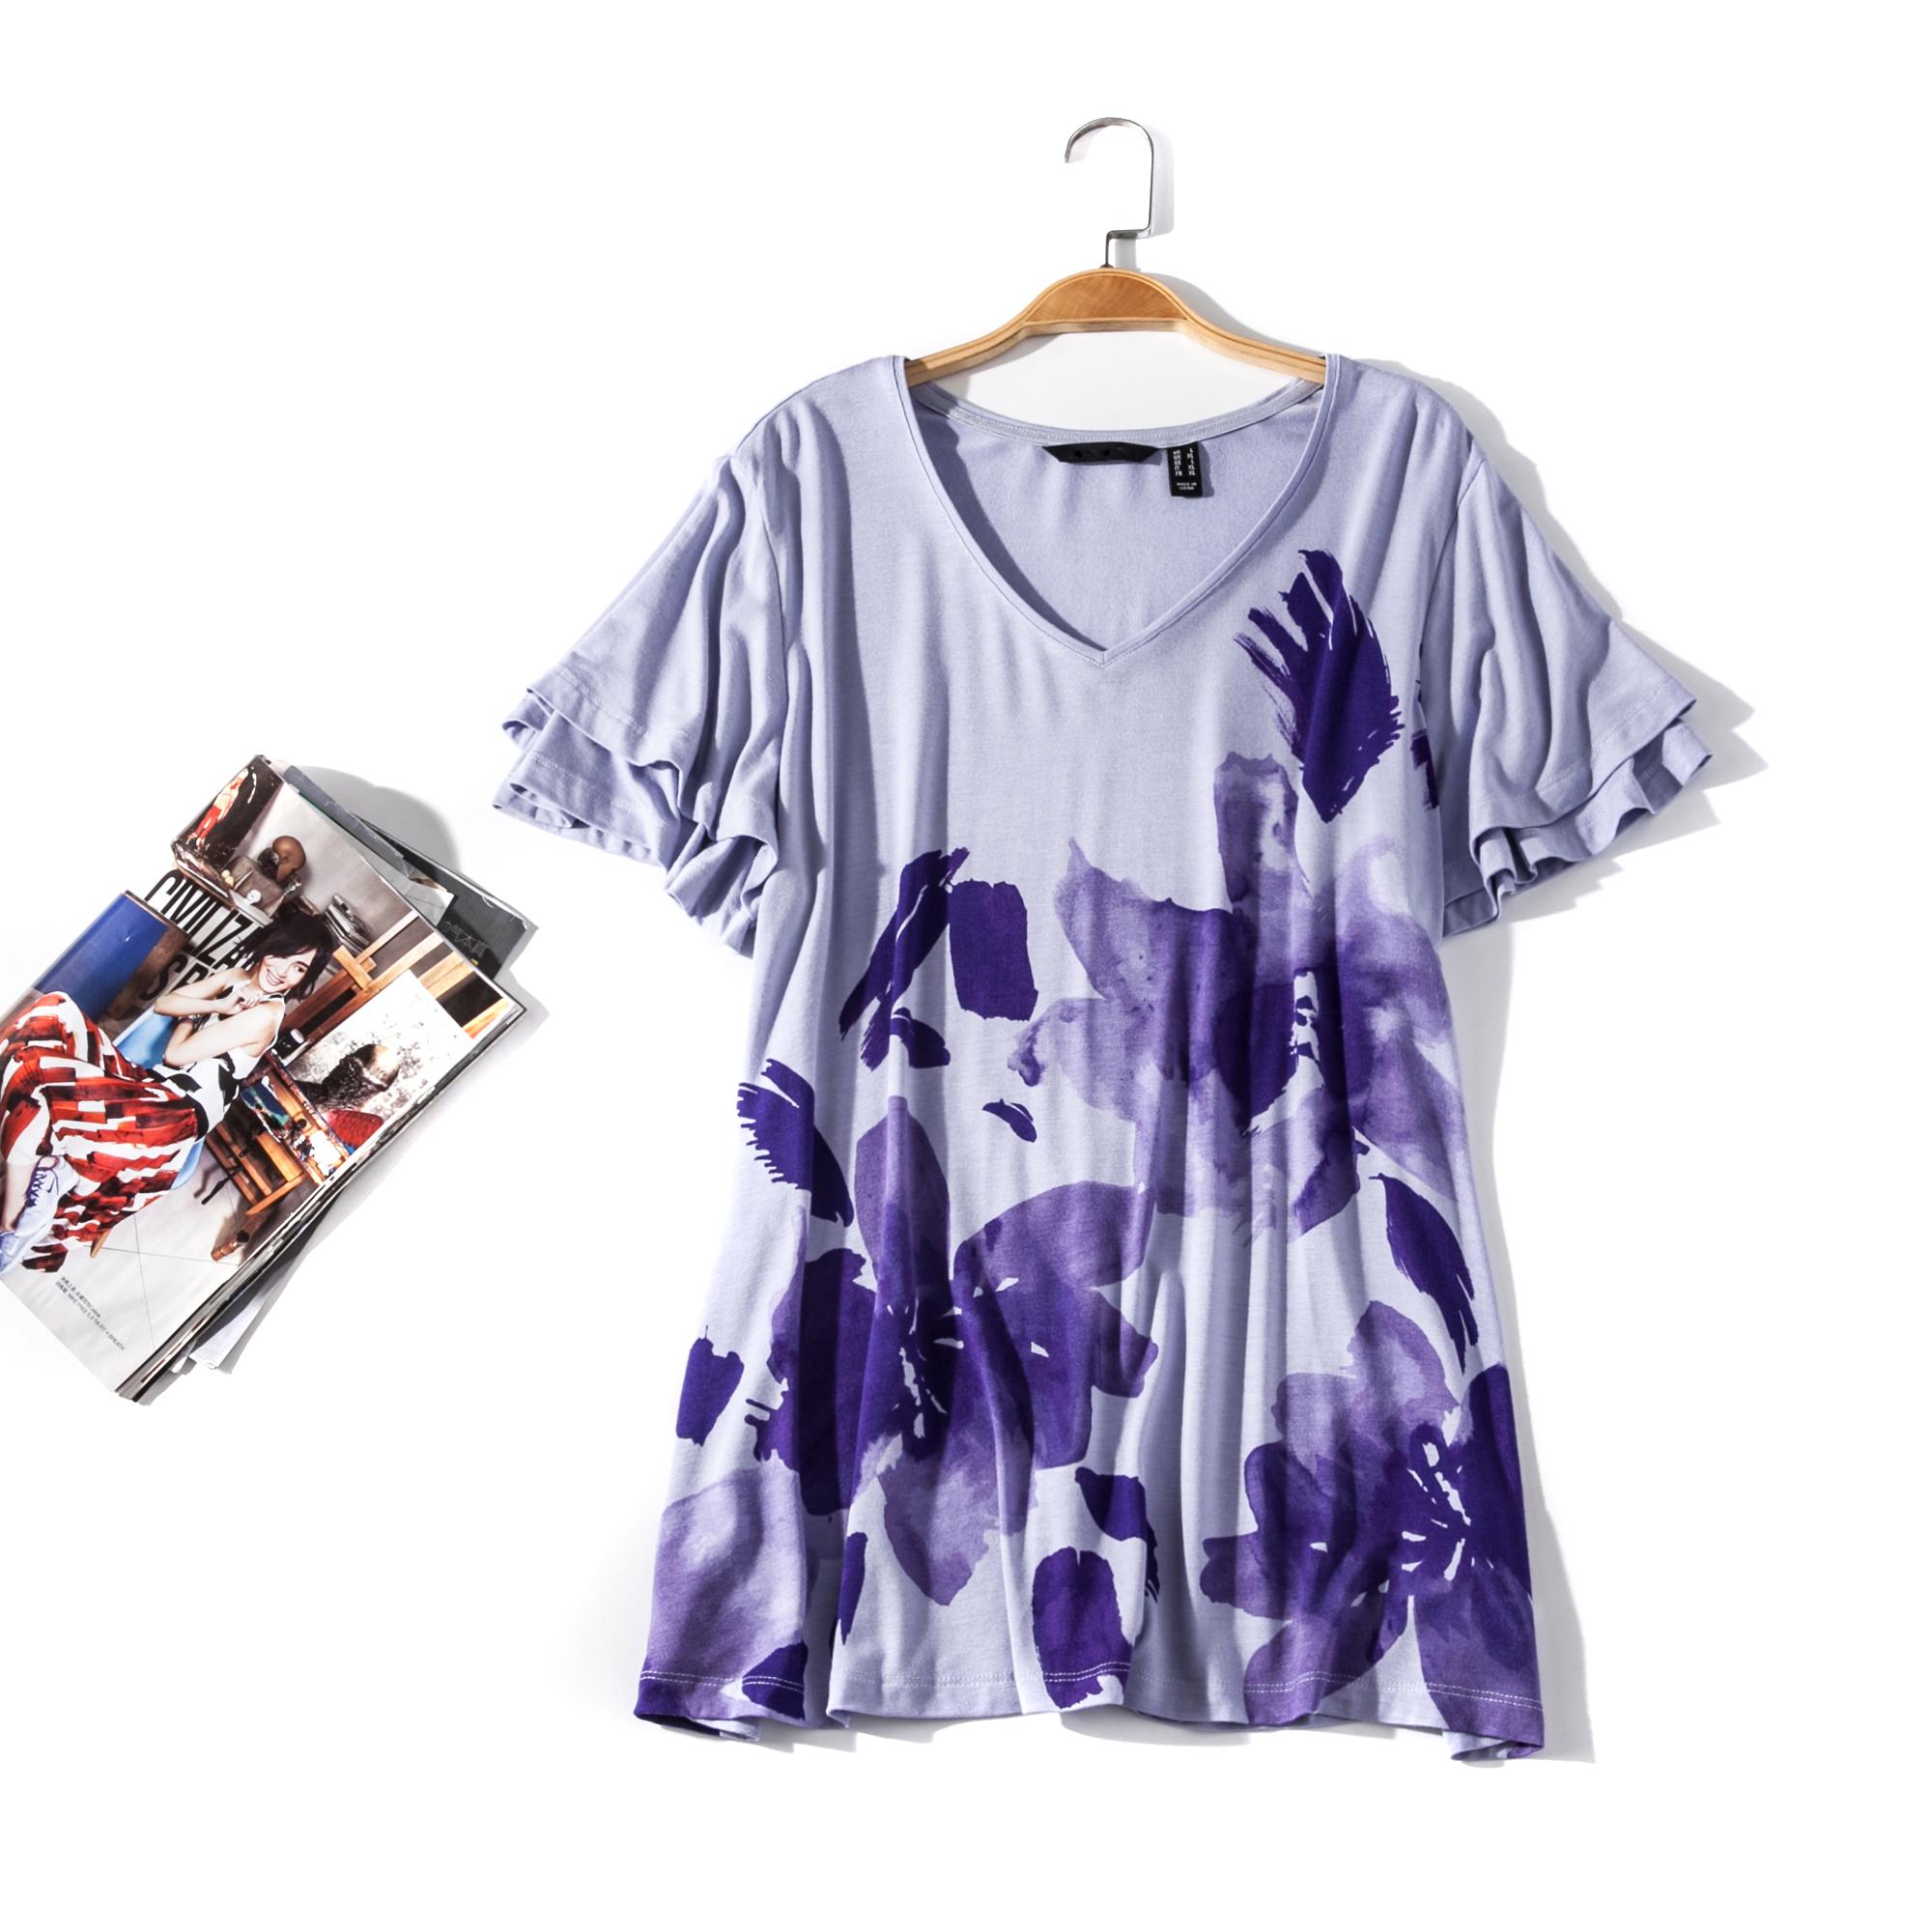 出口欧美单女装胸围84-144cmV领短袖花色大码T恤女I062B